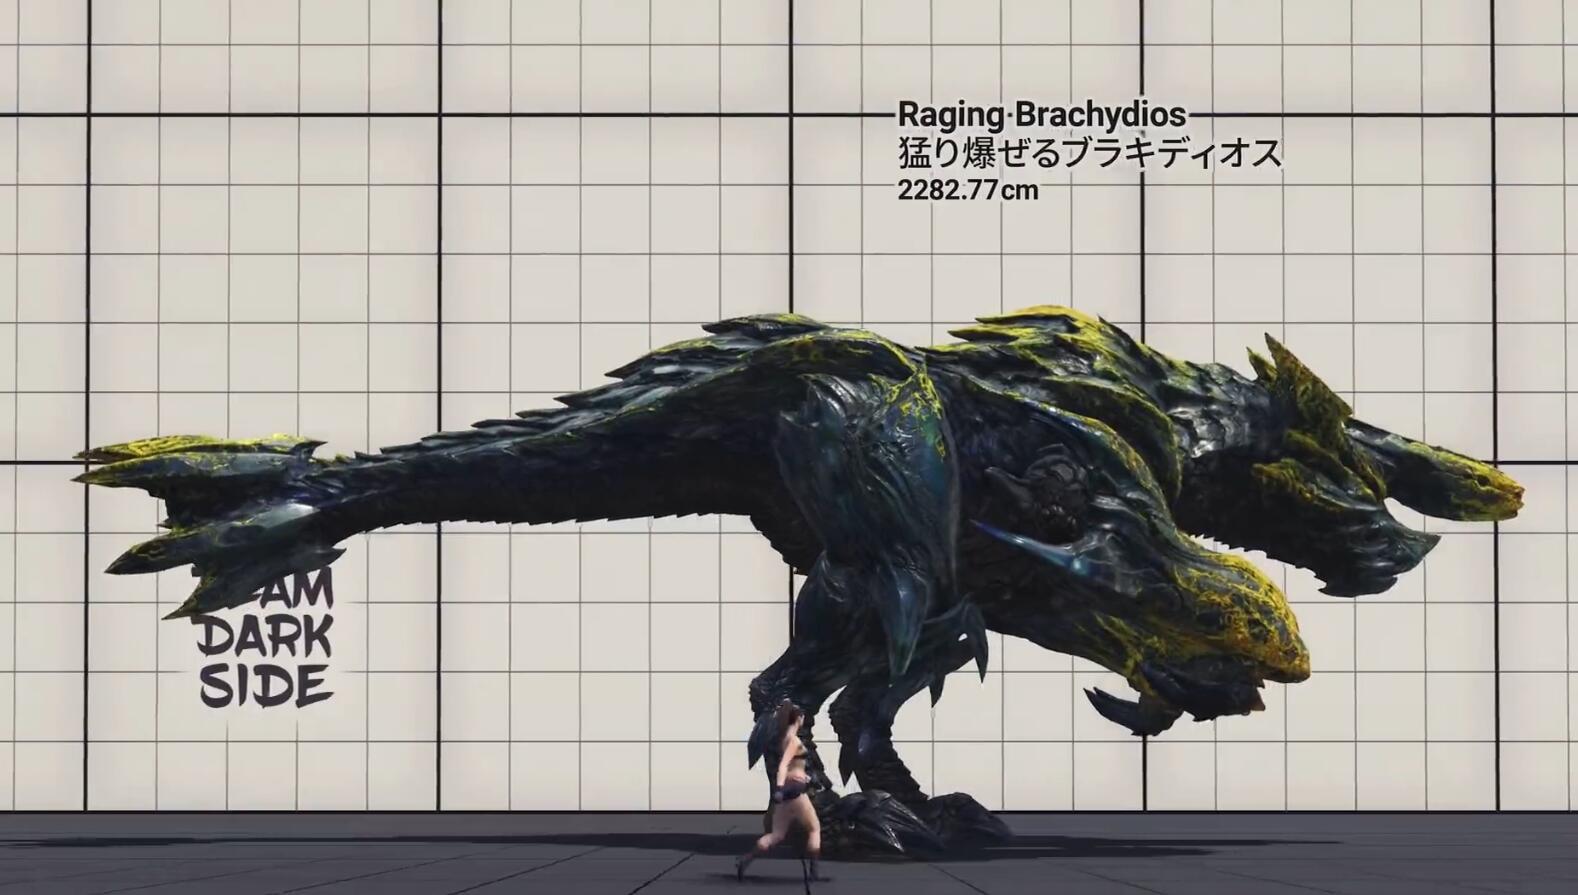 飞空 二足 四足 写实  其他  其他 待机 怪物猎人 身高尺寸对比 (2).jpg